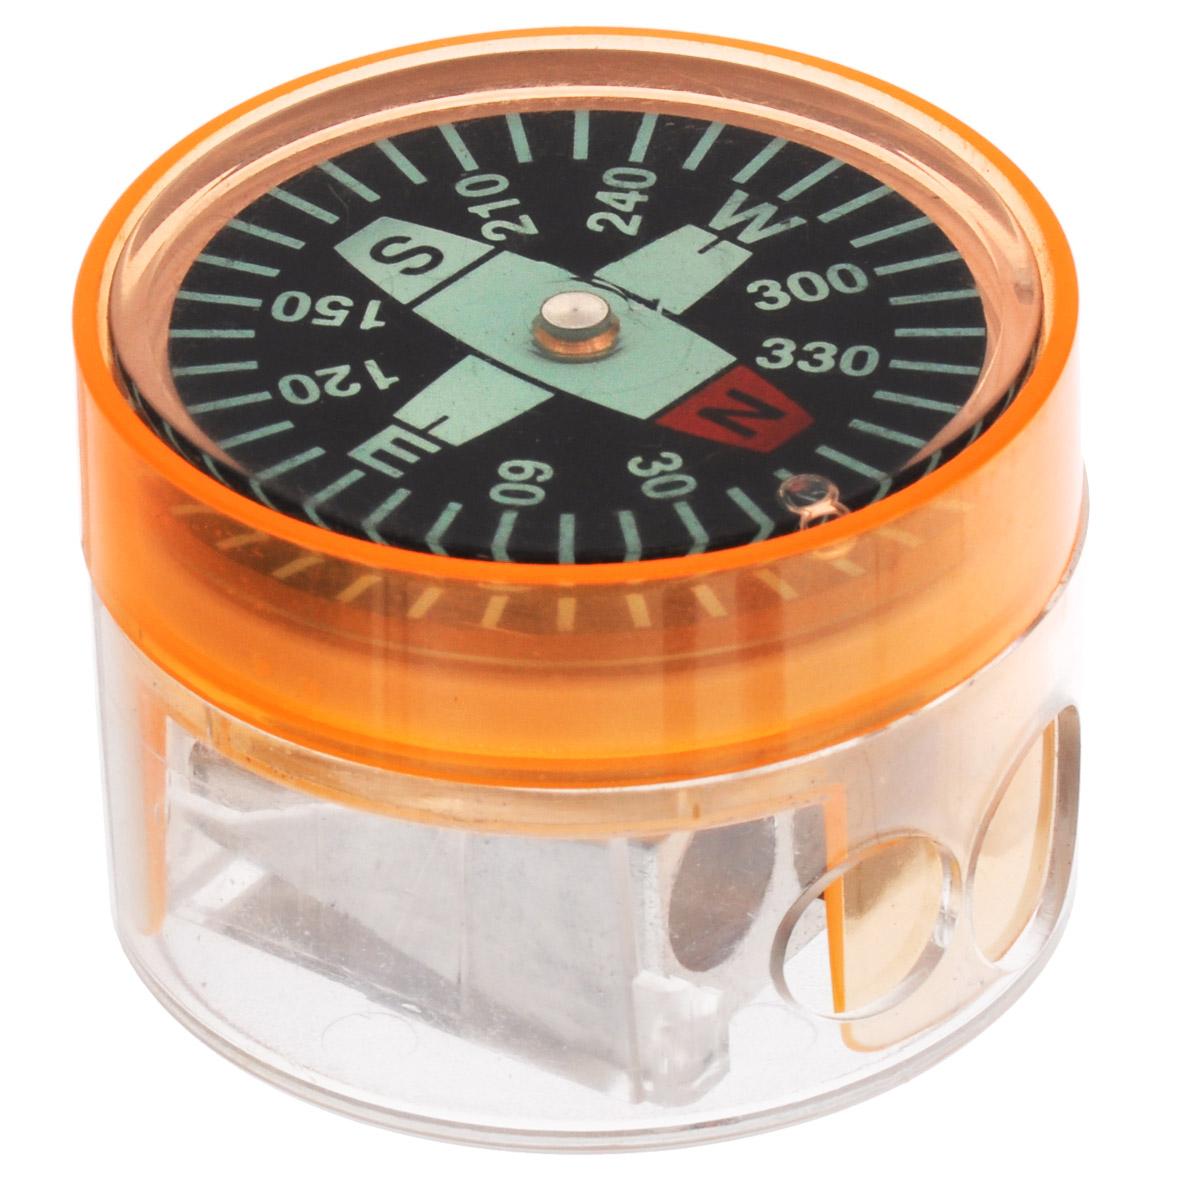 Brunnen Точилка двойная Компас цвет оранжевый17002_зеленый/оранжевыйТочилка двойная Компас выполнена из прочного пластика.В точилке имеются два отверстия для карандашей разного диаметра, подходит для различных видов карандашей. При повороте пластикового контейнера, отверстия закрываются.Полупрозрачный контейнер для сбора стружки позволяет визуально контролировать уровень заполнения и вовремя производить очистку. В дно контейнера встроен небольшой компас.